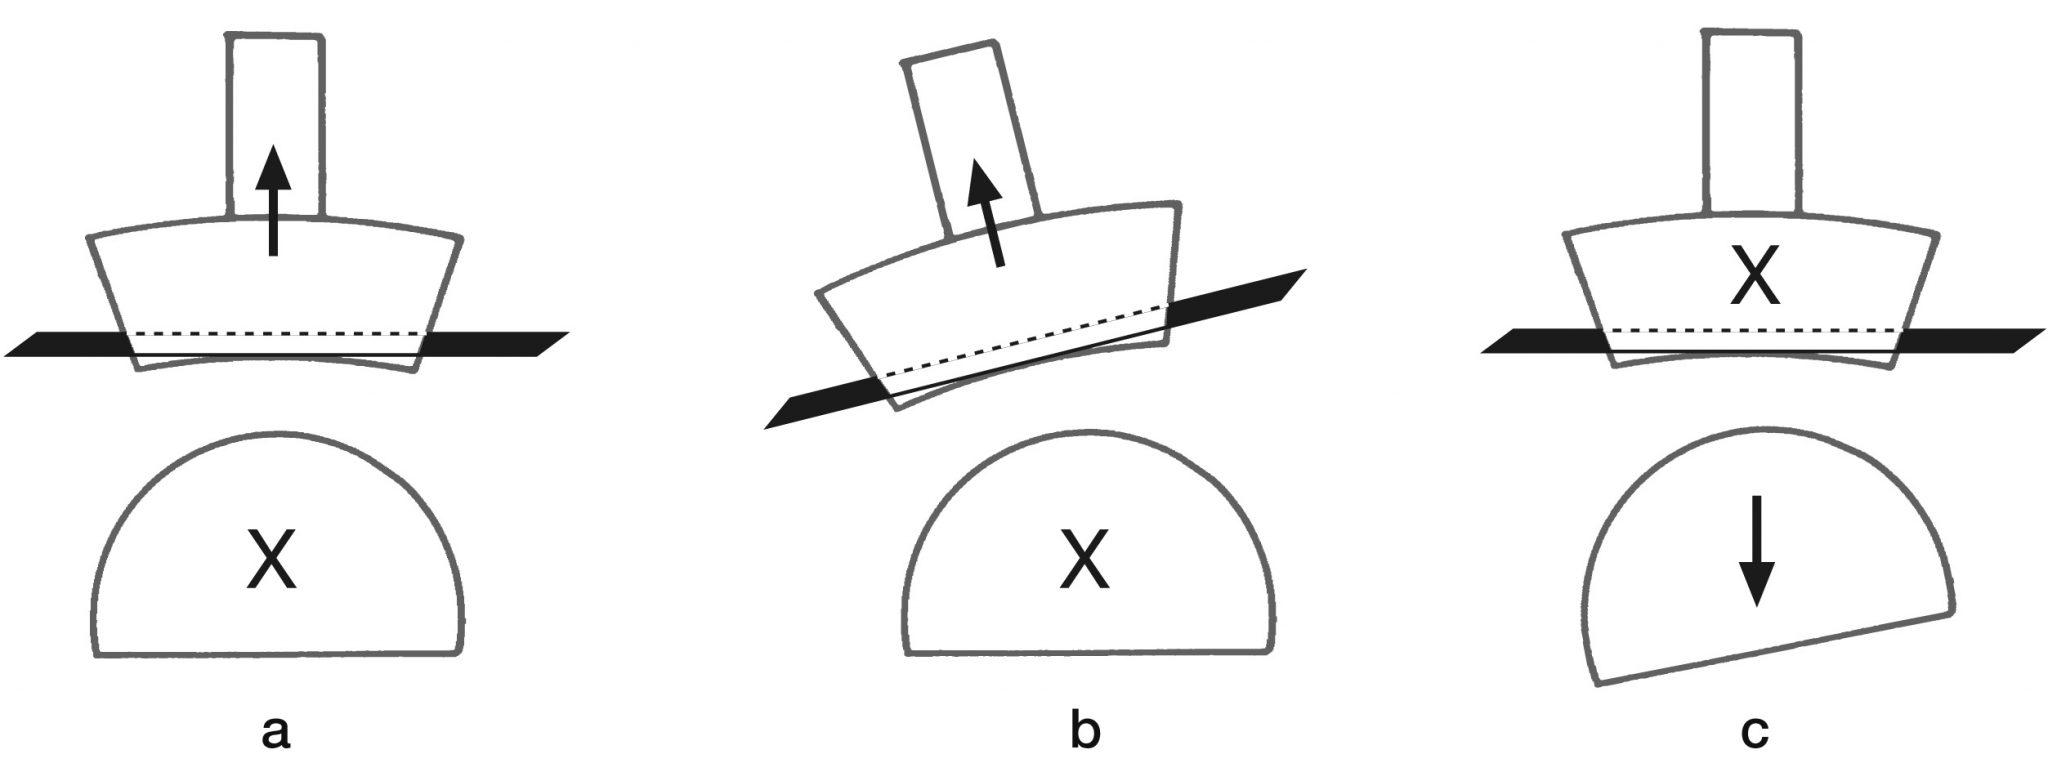 Traktion-Varianten